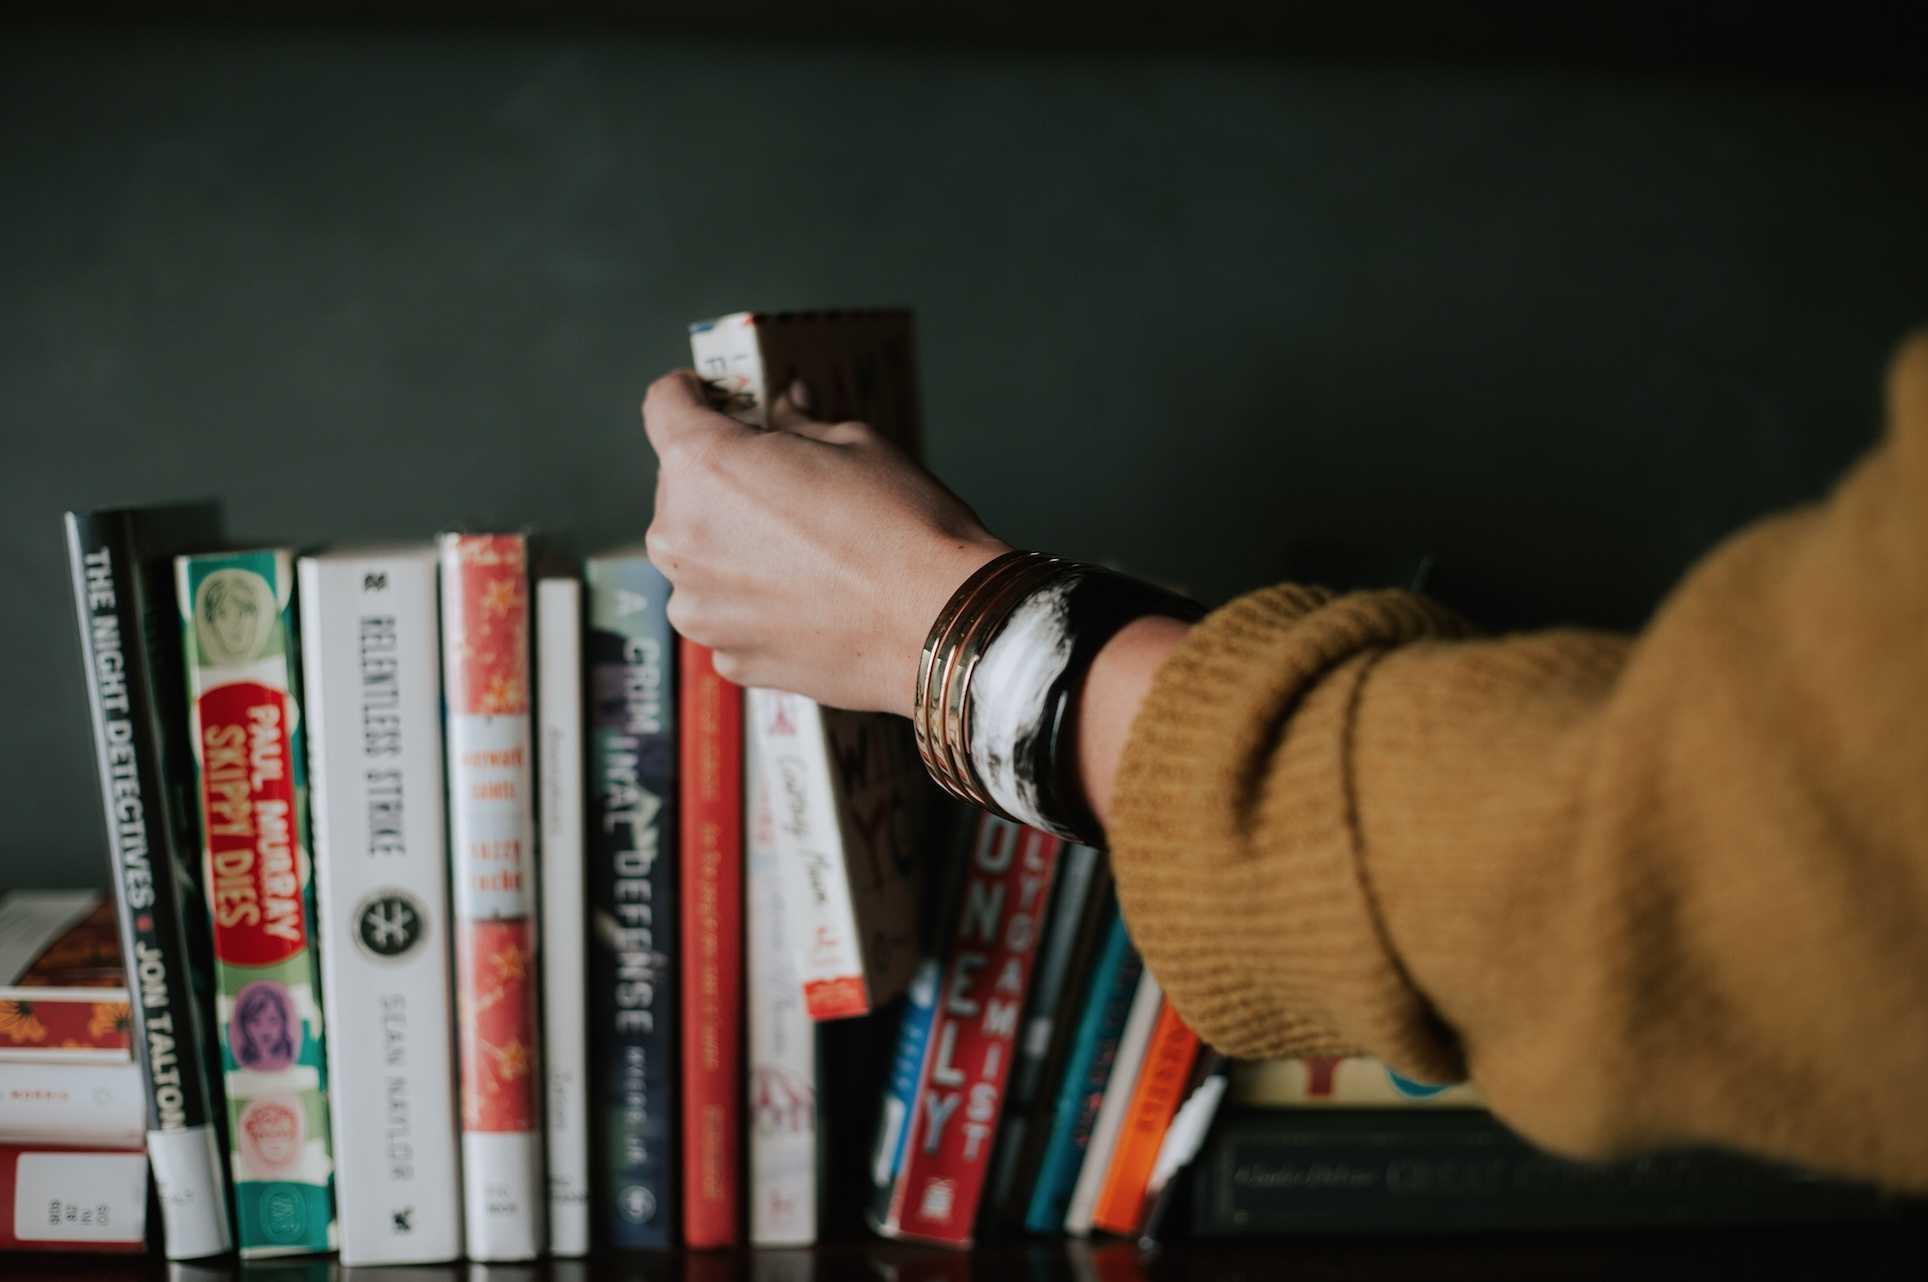 books پایان نامه من|پایان نامه|مقاله|مشاوره|شبیه سازی|ترجمه تخصصی